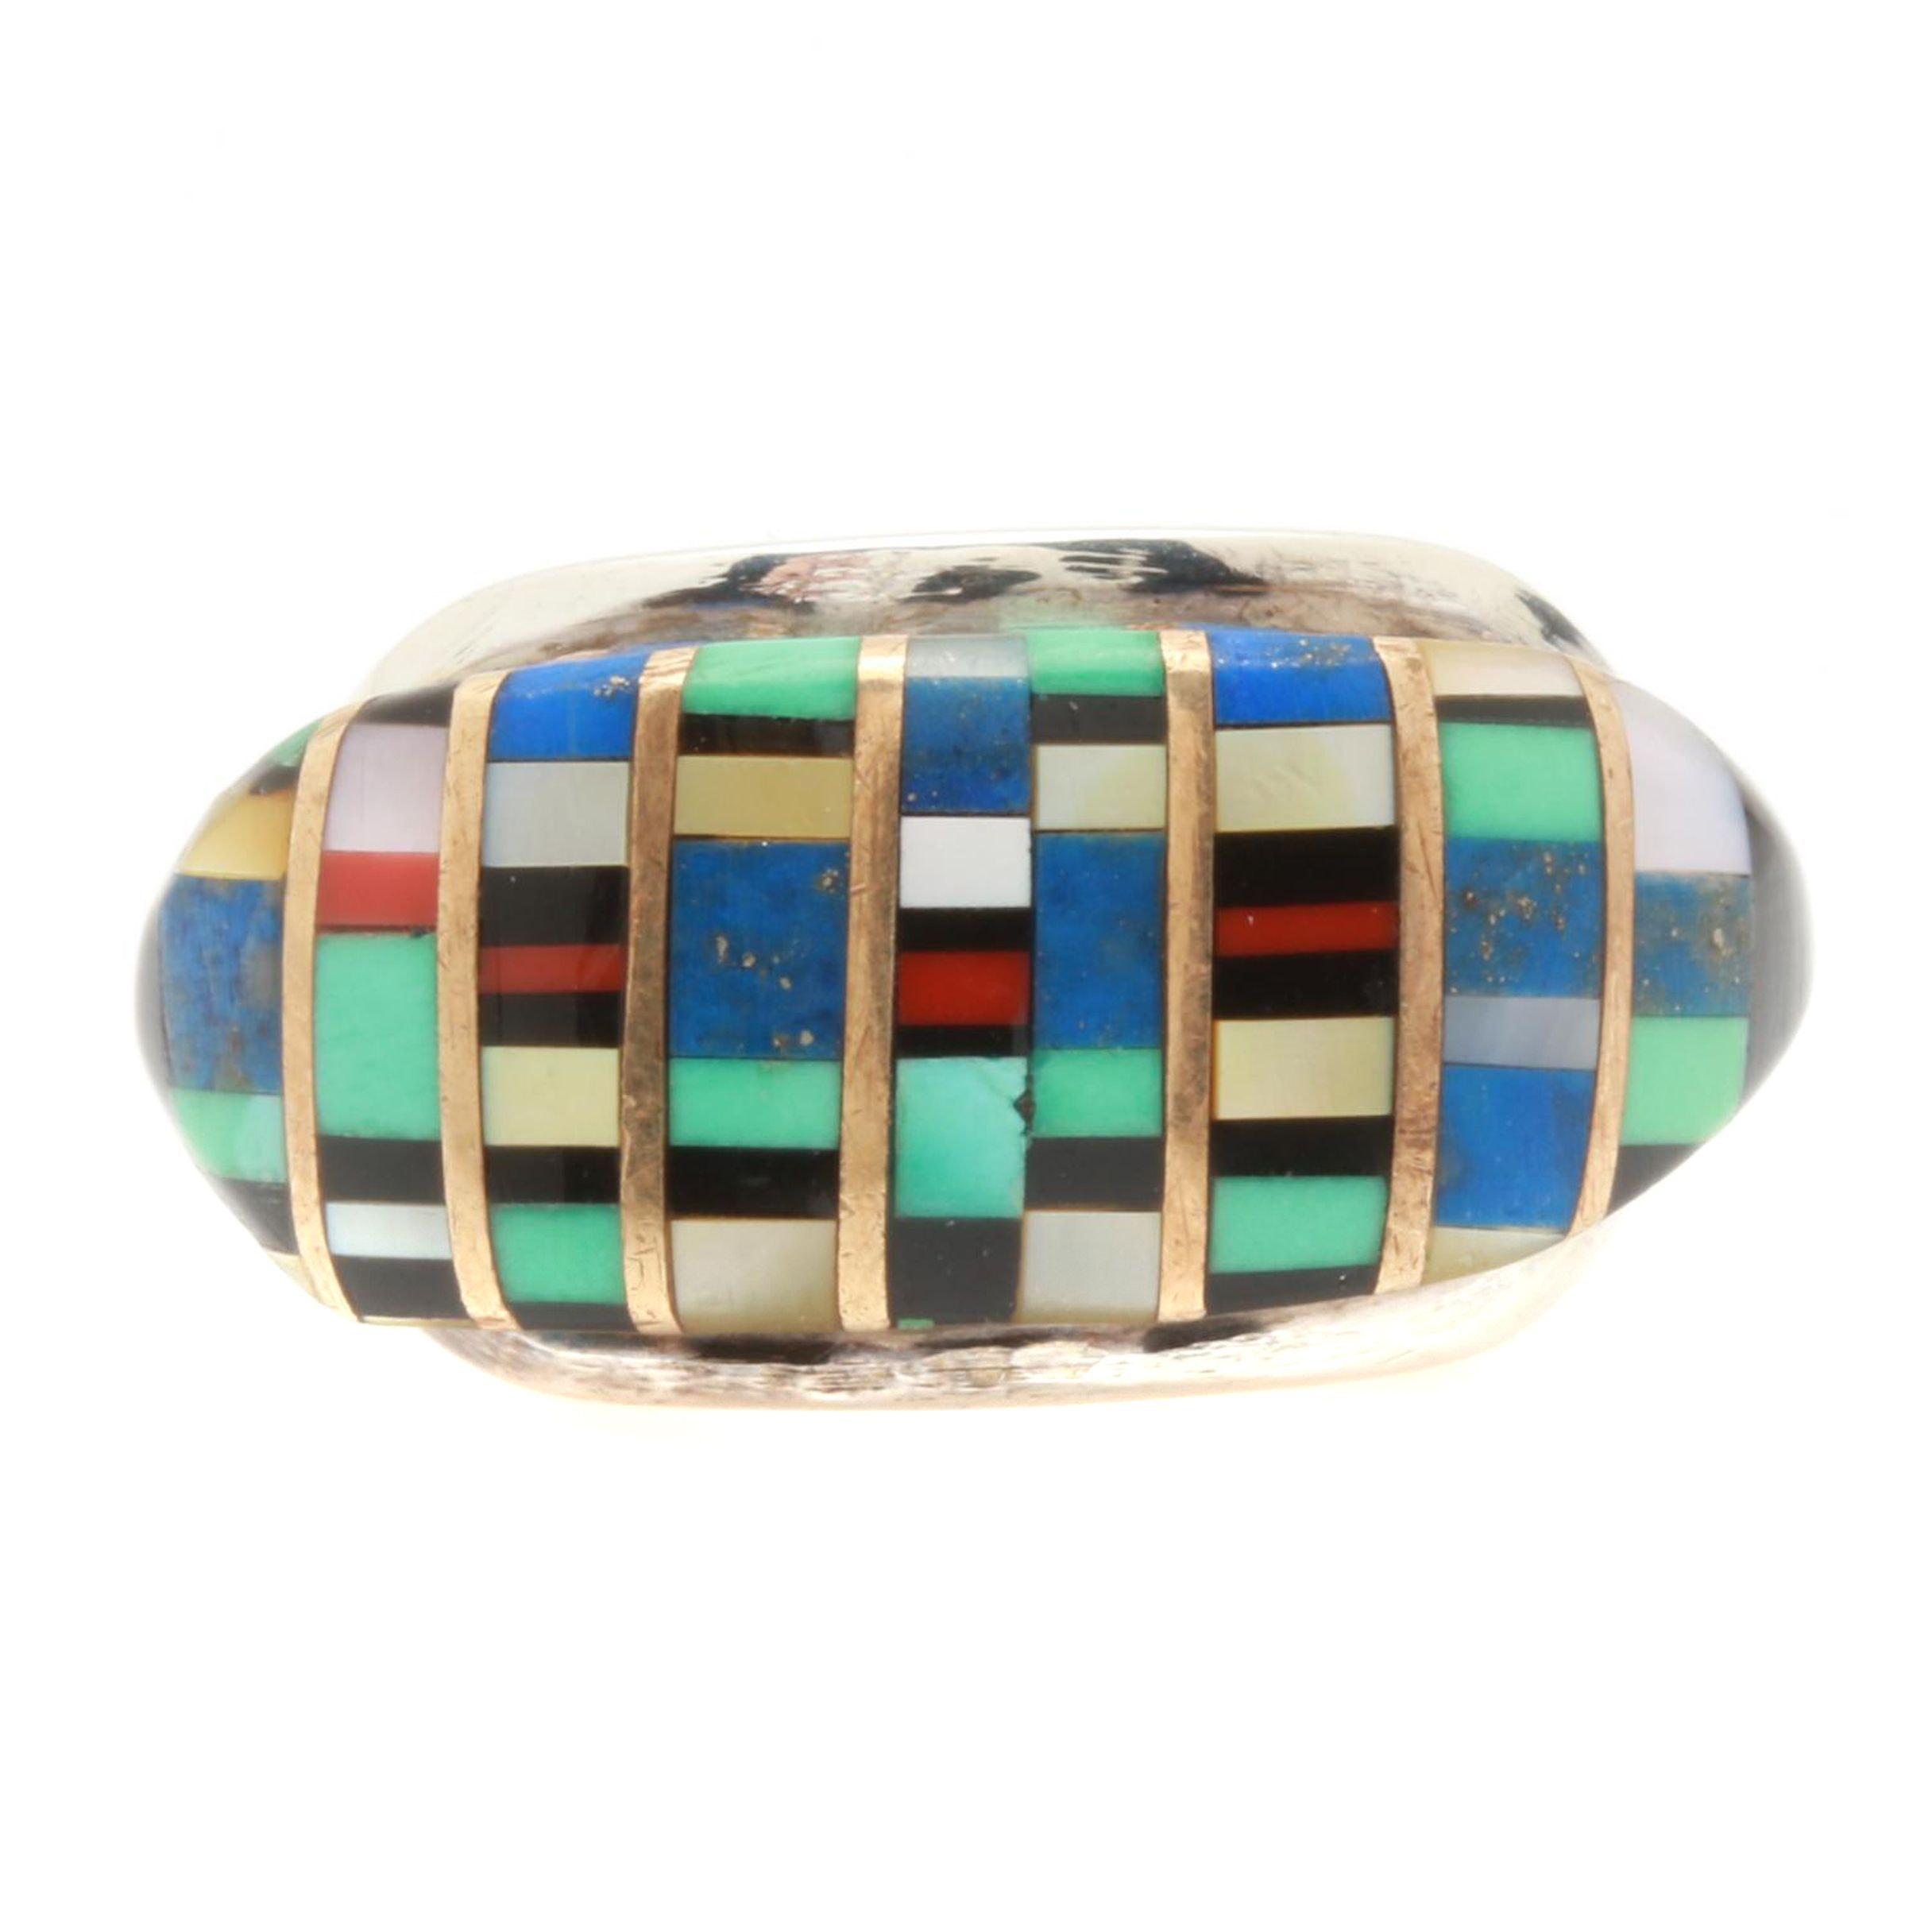 Lee Edaakie Zuni Sterling Silver Inlaid Multi Gemstone Ring